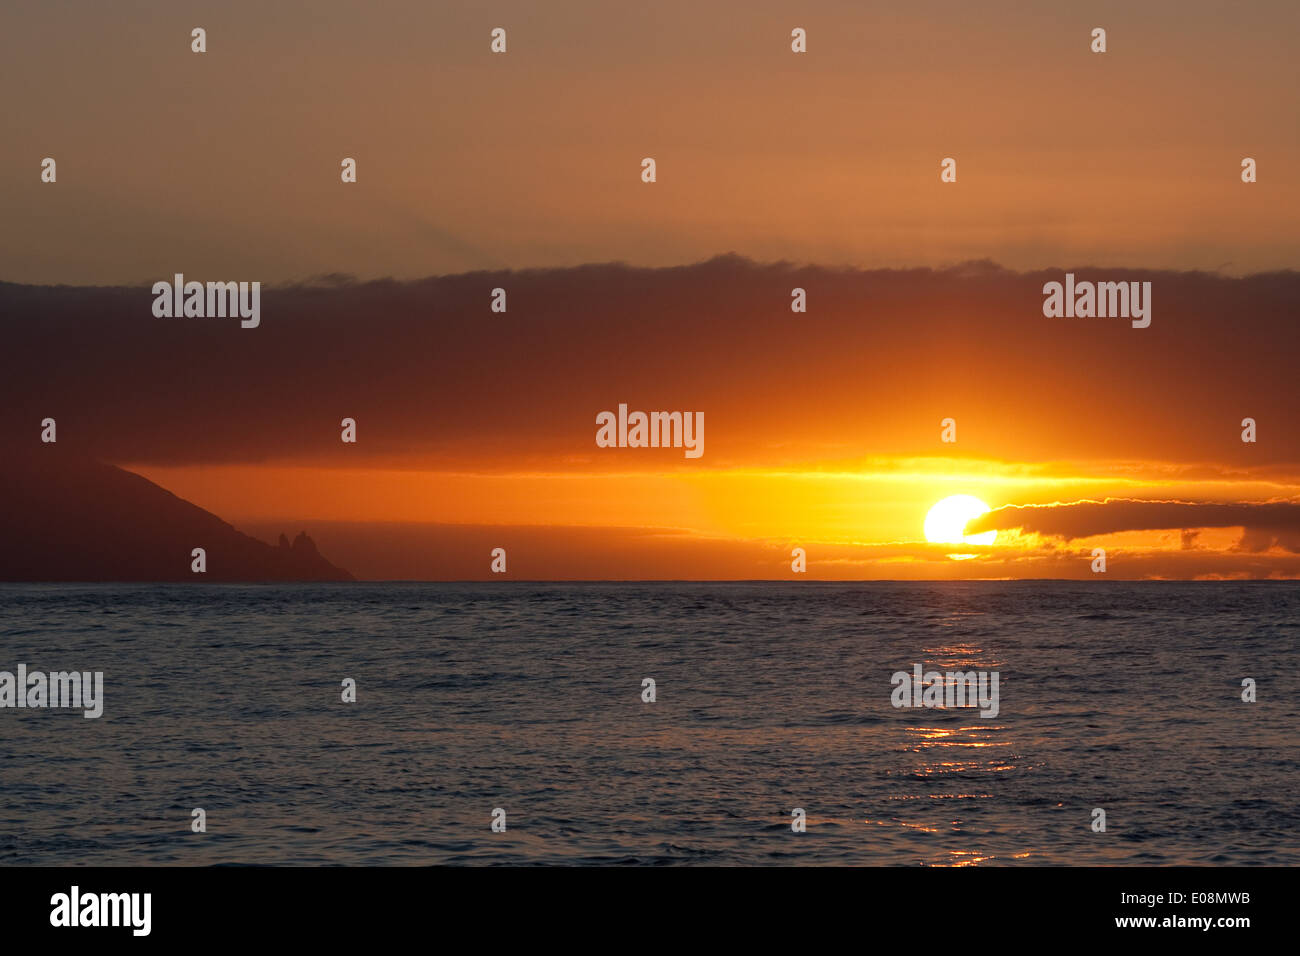 Sonnenübergang über dem Meer, Teneriffa, Spanien Stock Photo